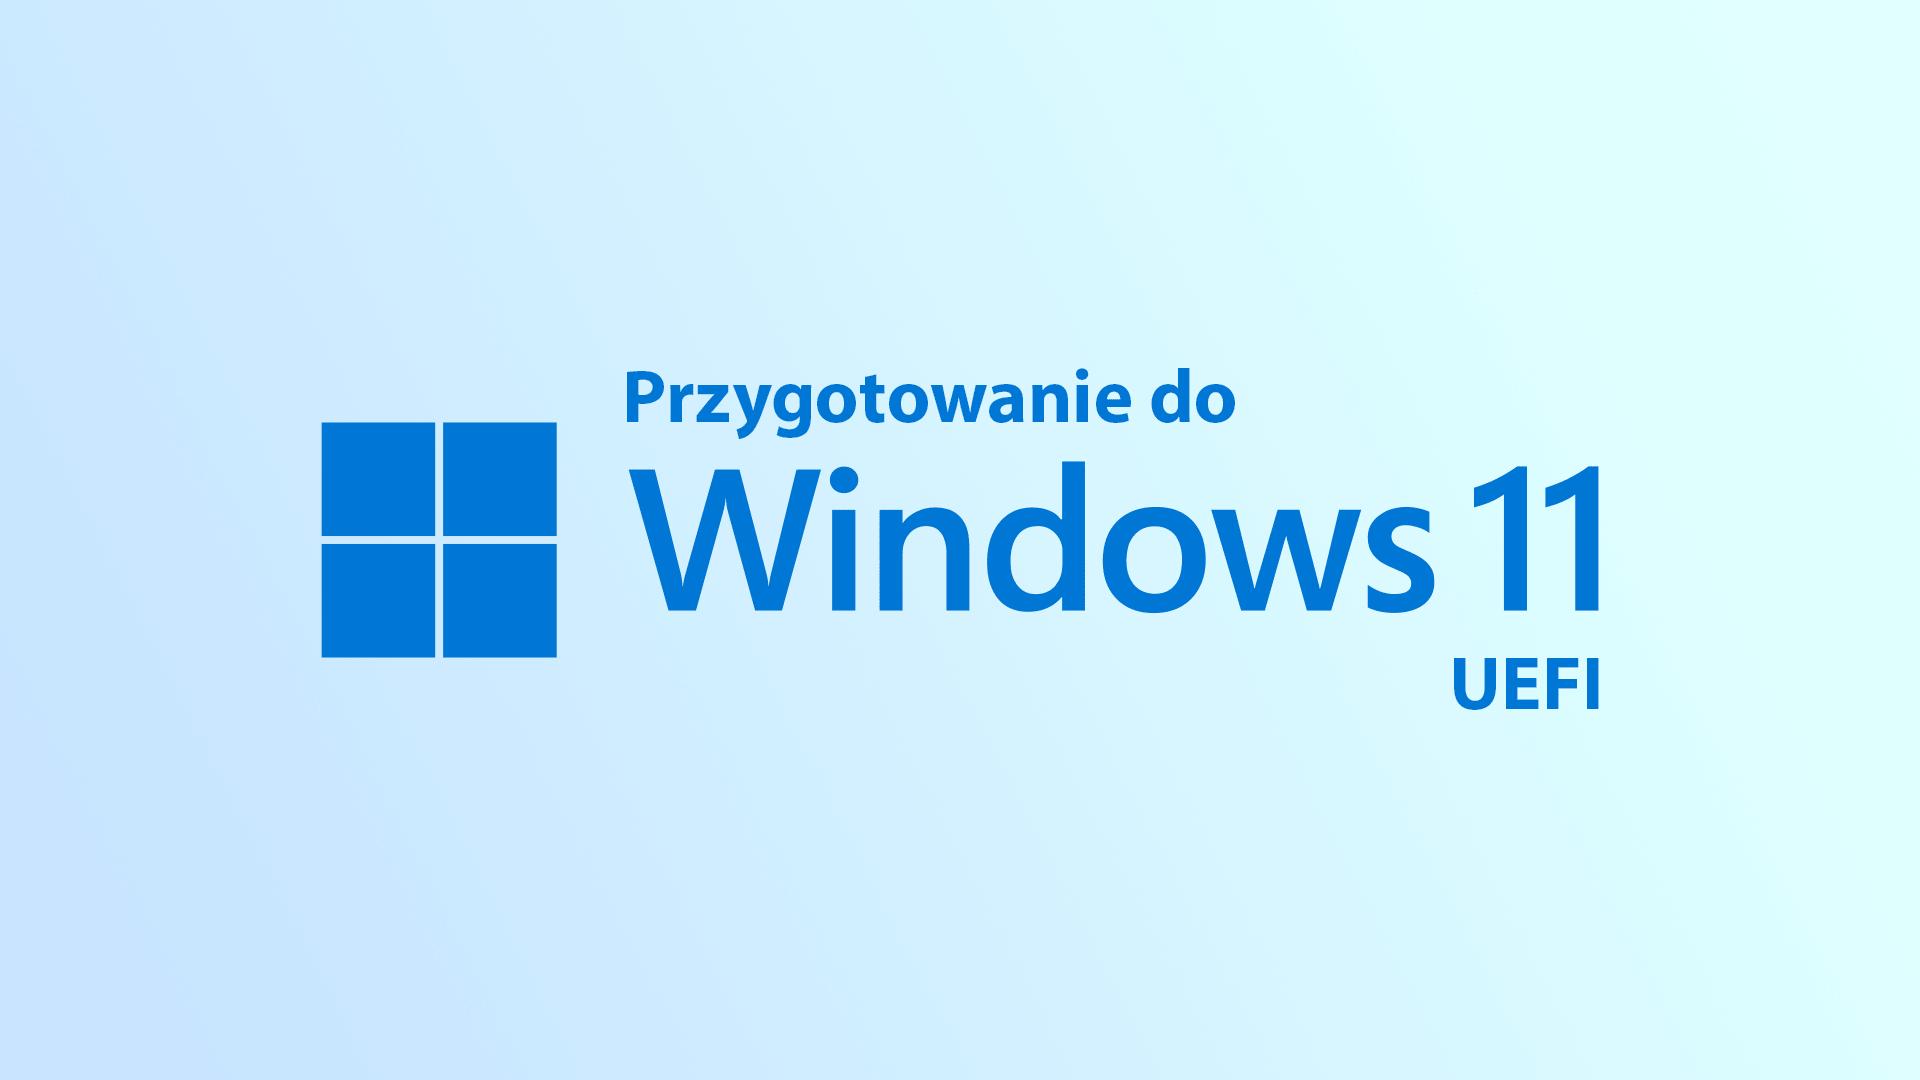 Przygotowanie do Windows 11 - UEFI